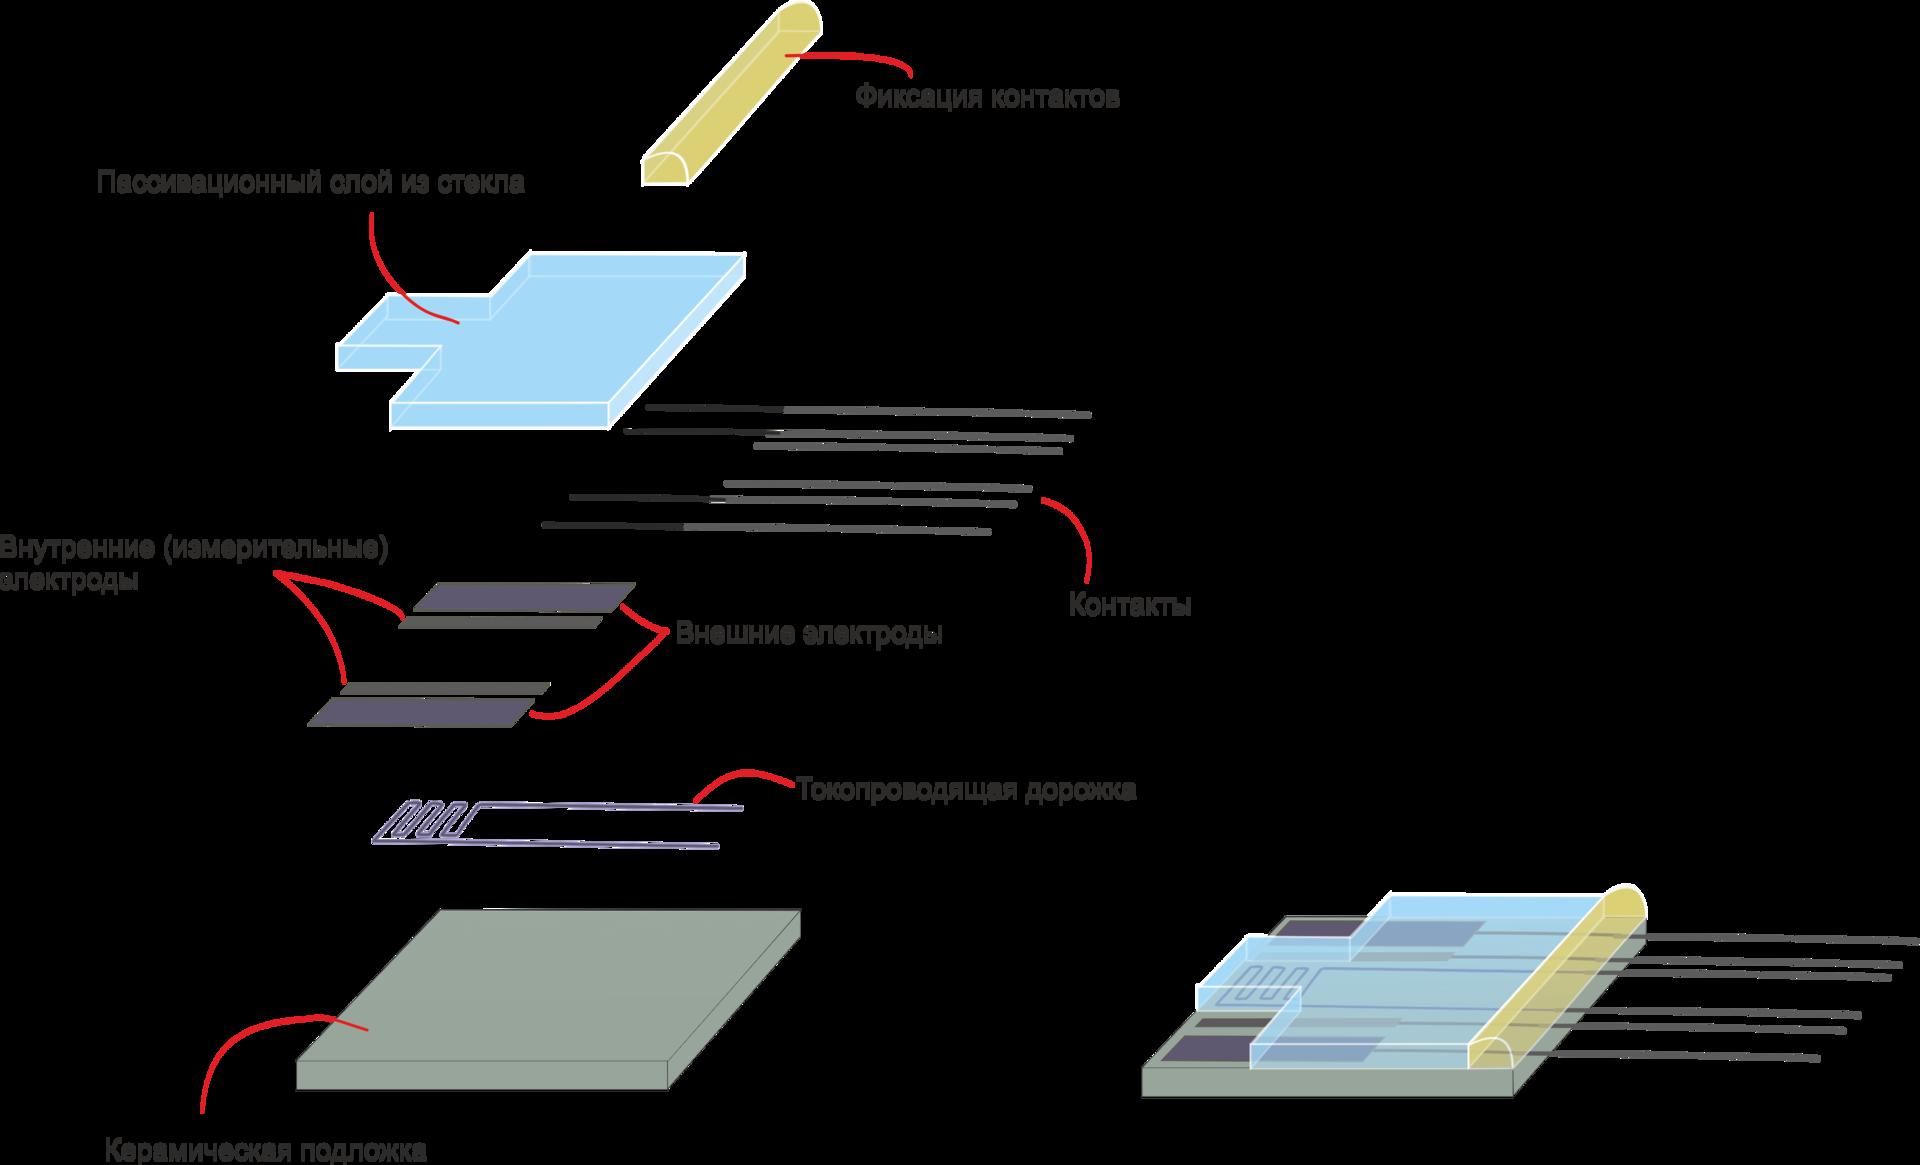 Время неожиданных аналогий: речные раки и датчики электропроводности - 6